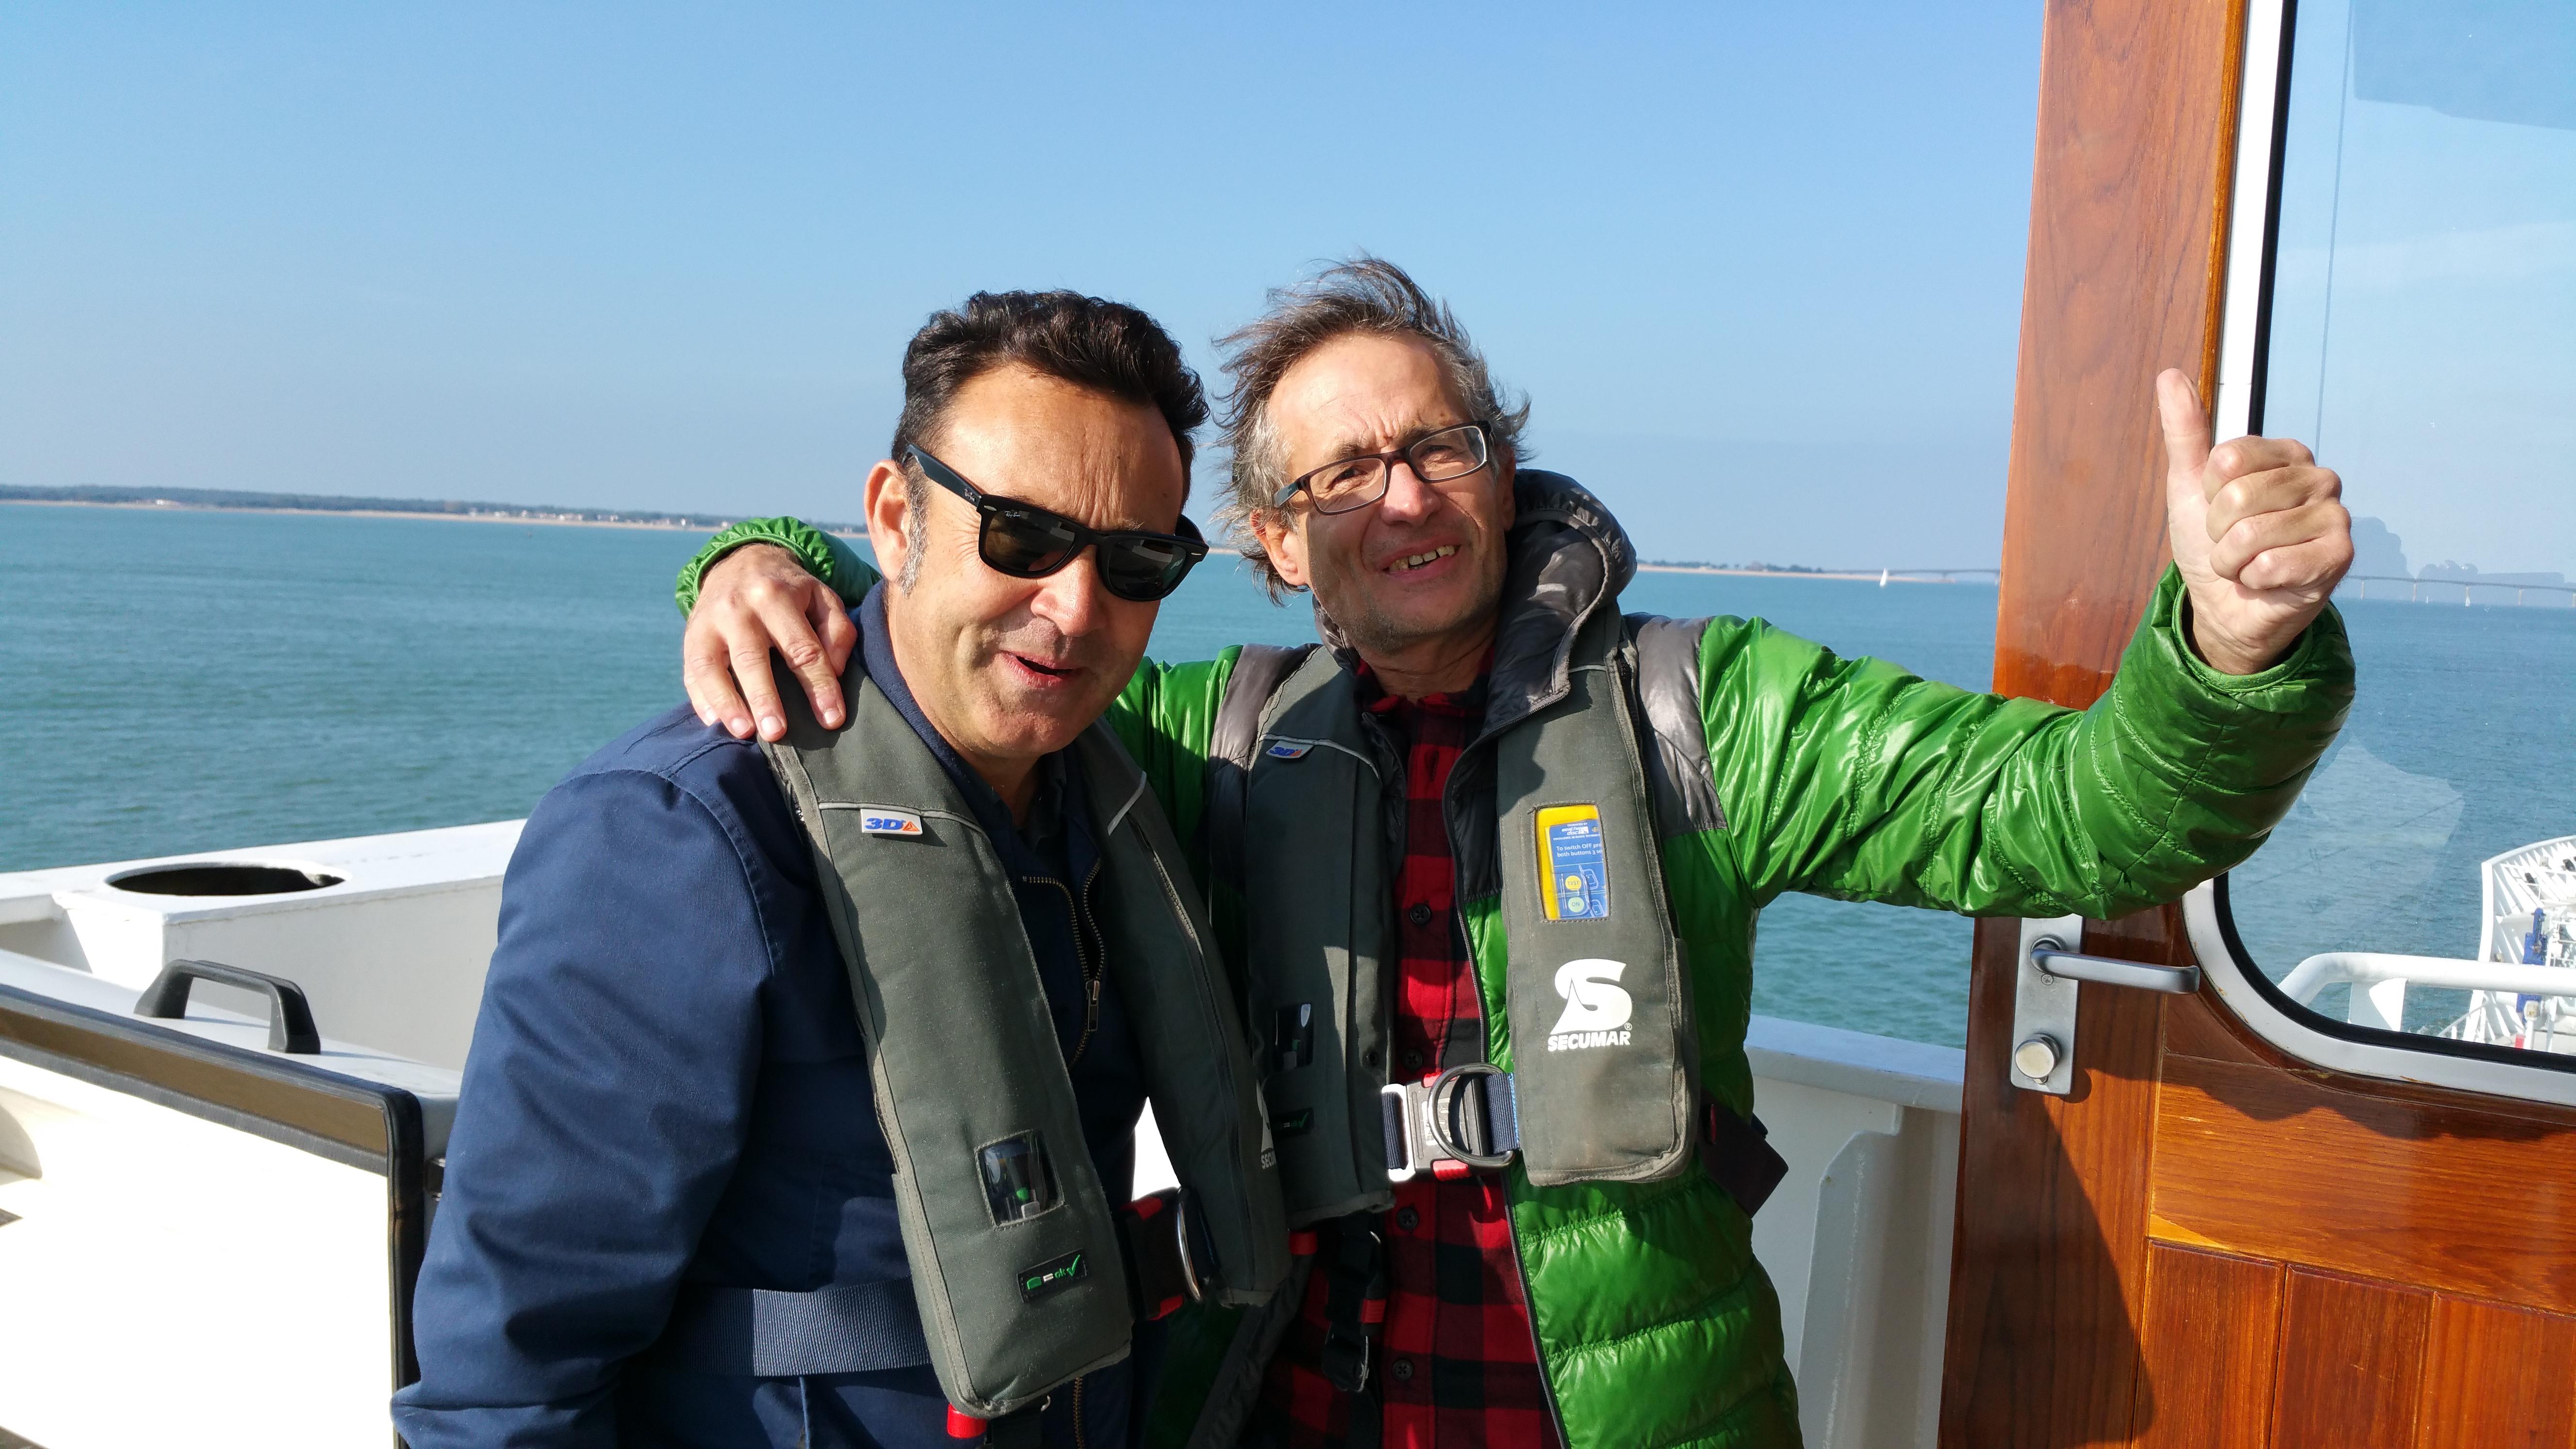 David et Didier des Wampas sont sur un bateau...